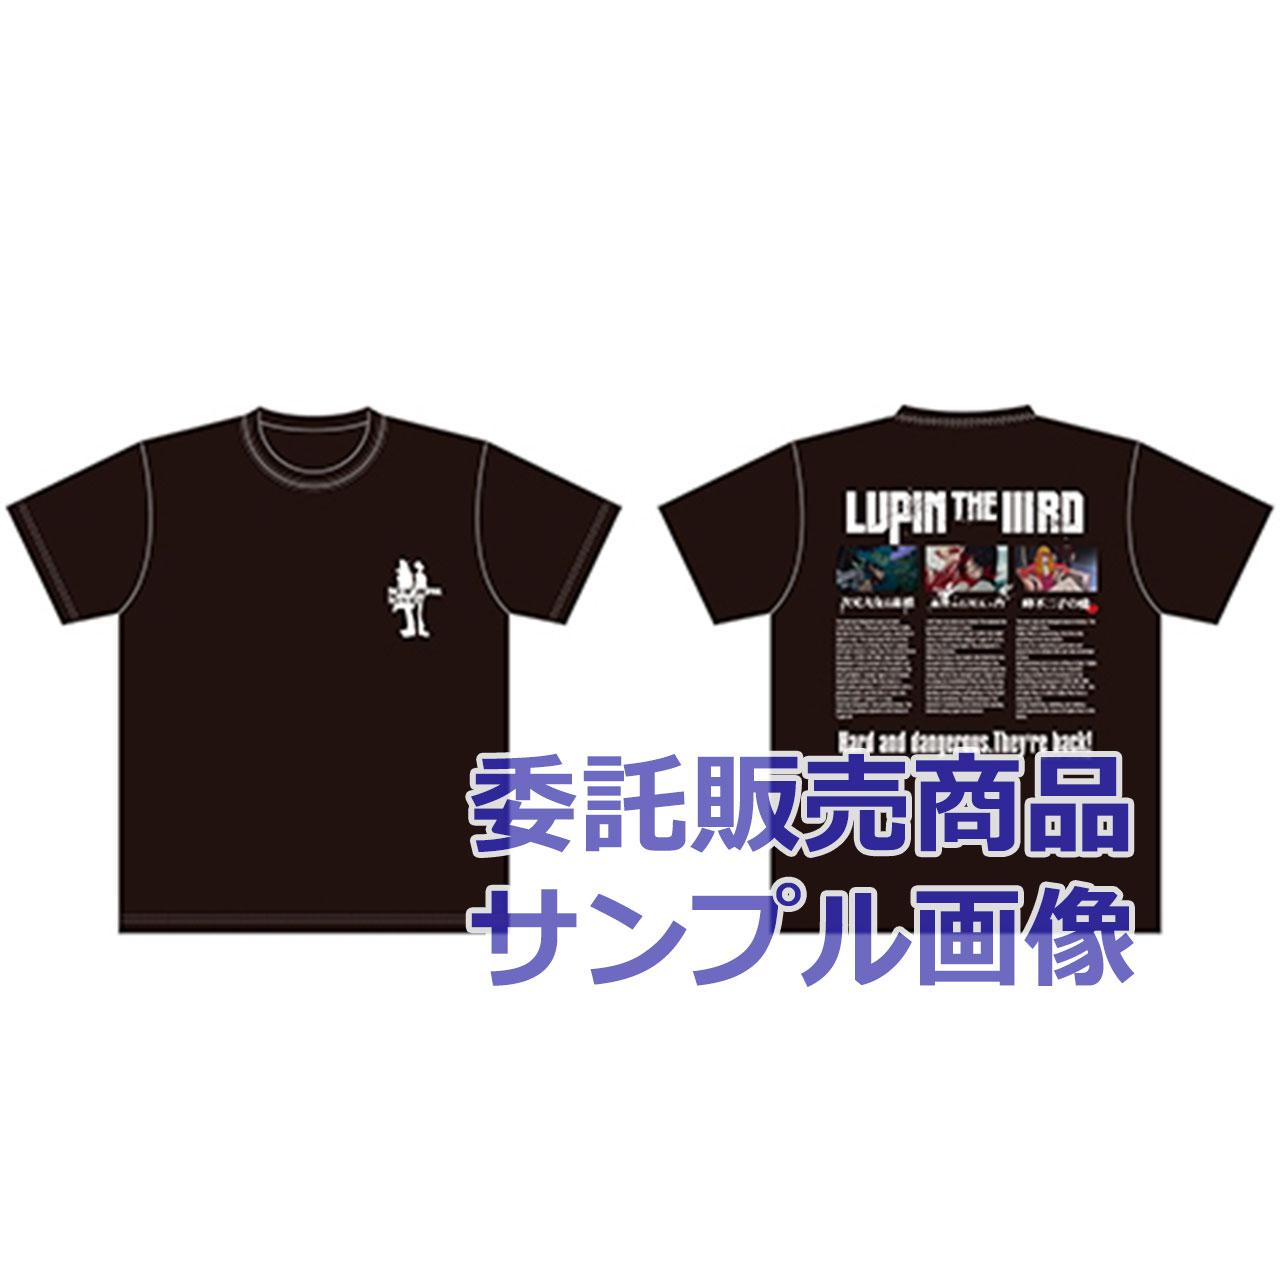 Tシャツ3titles 黒